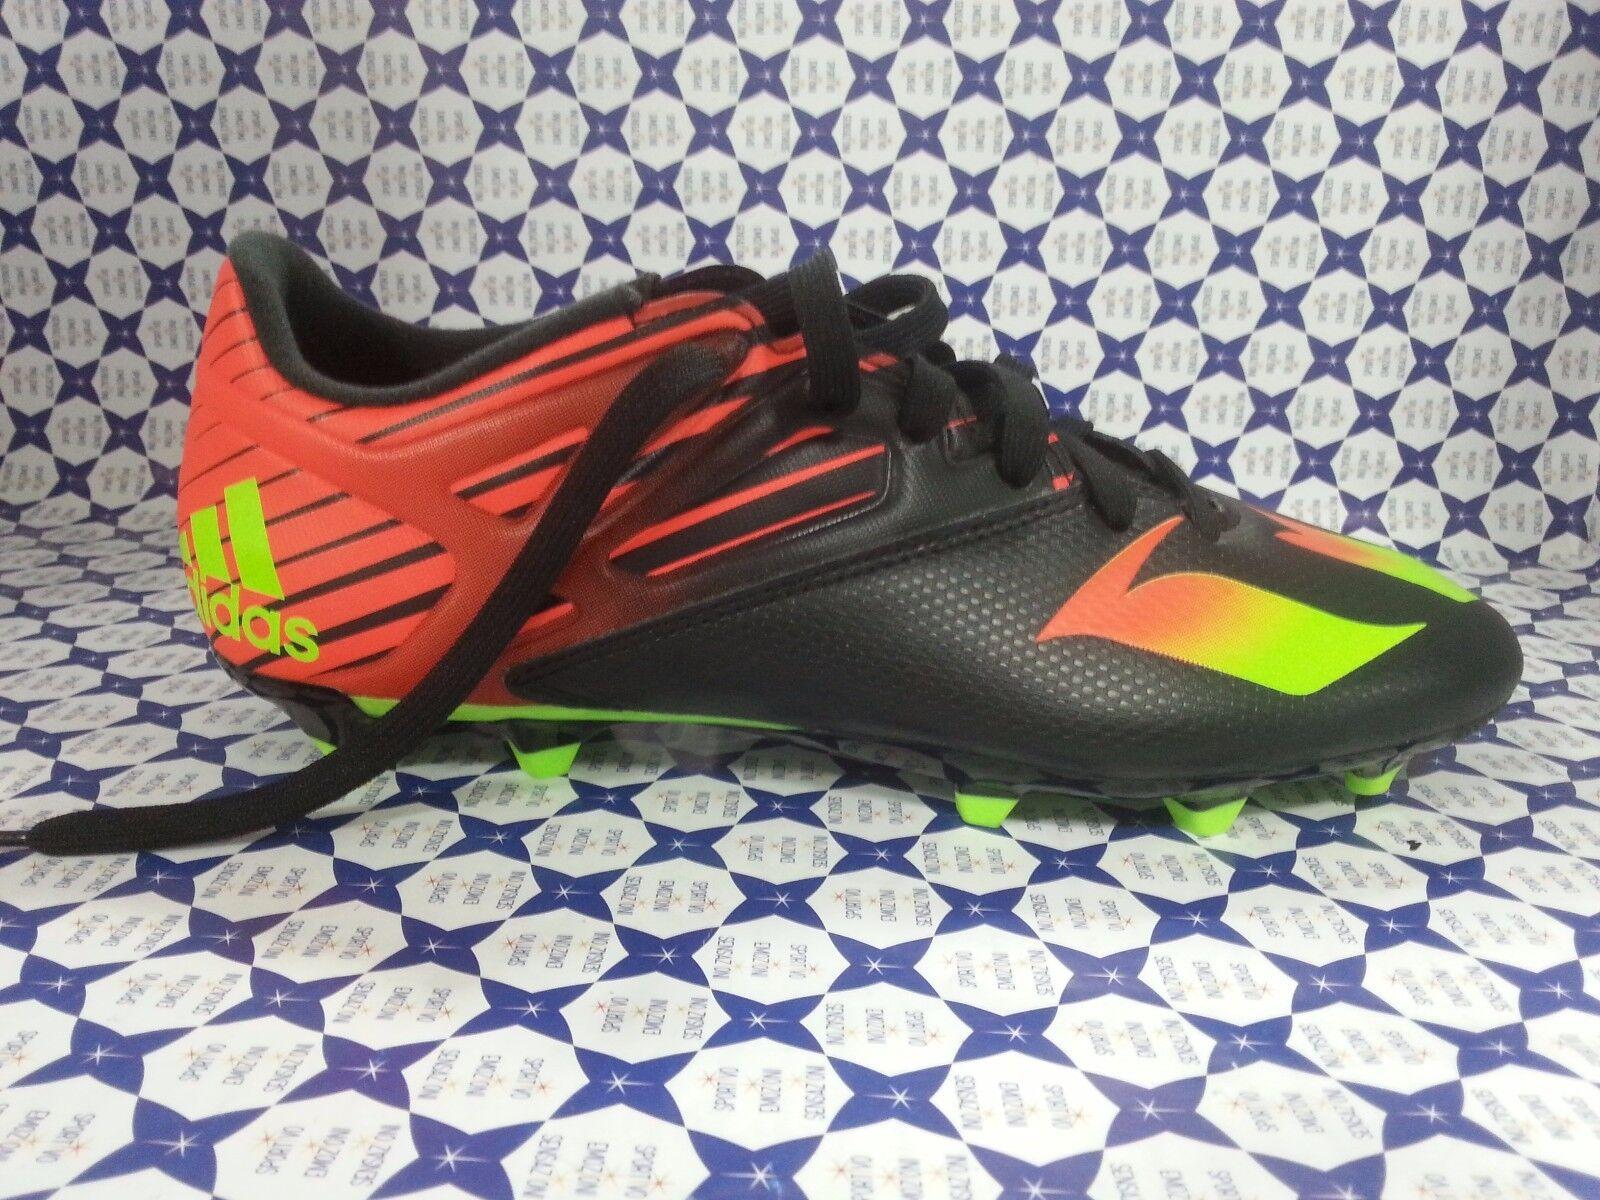 Zapatos 15.3  Calcio Adidas Messi 15.3 Zapatos FG  Nero/Rosso  AF4852 640 10811d